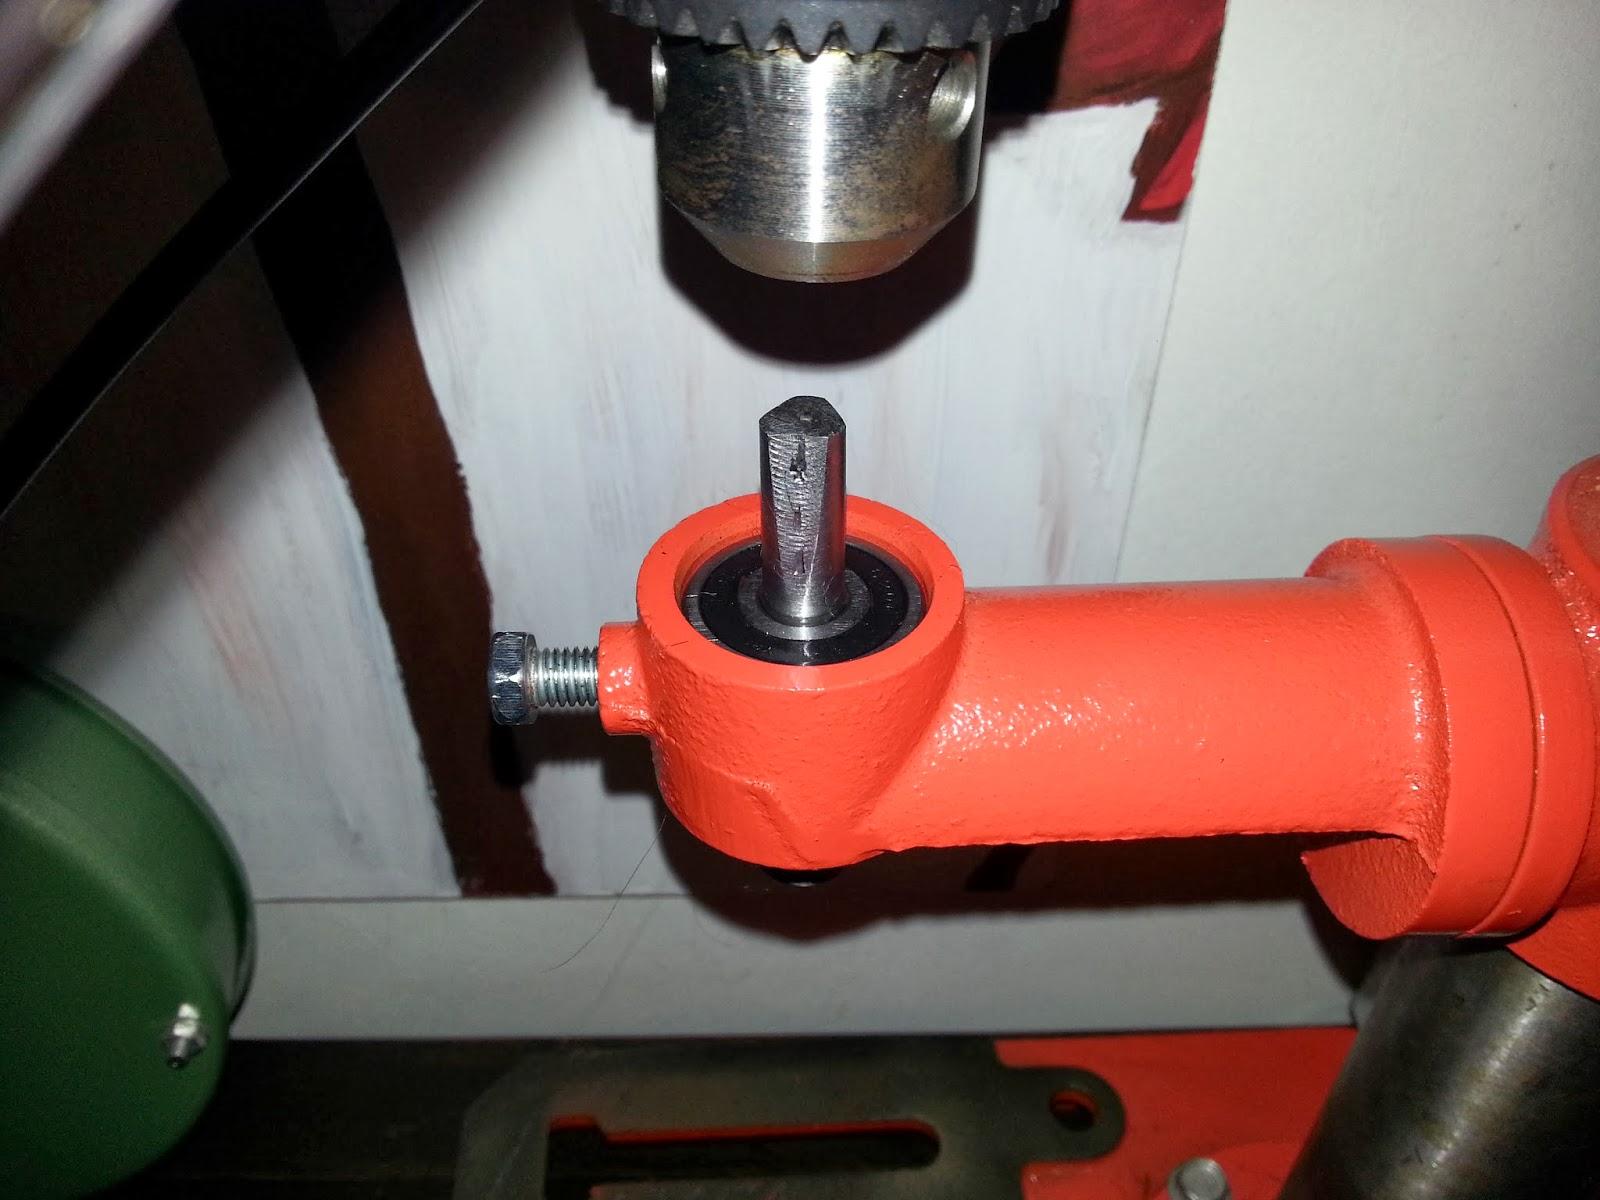 Brazo de fresado para conversión de taladro de banco en fresador